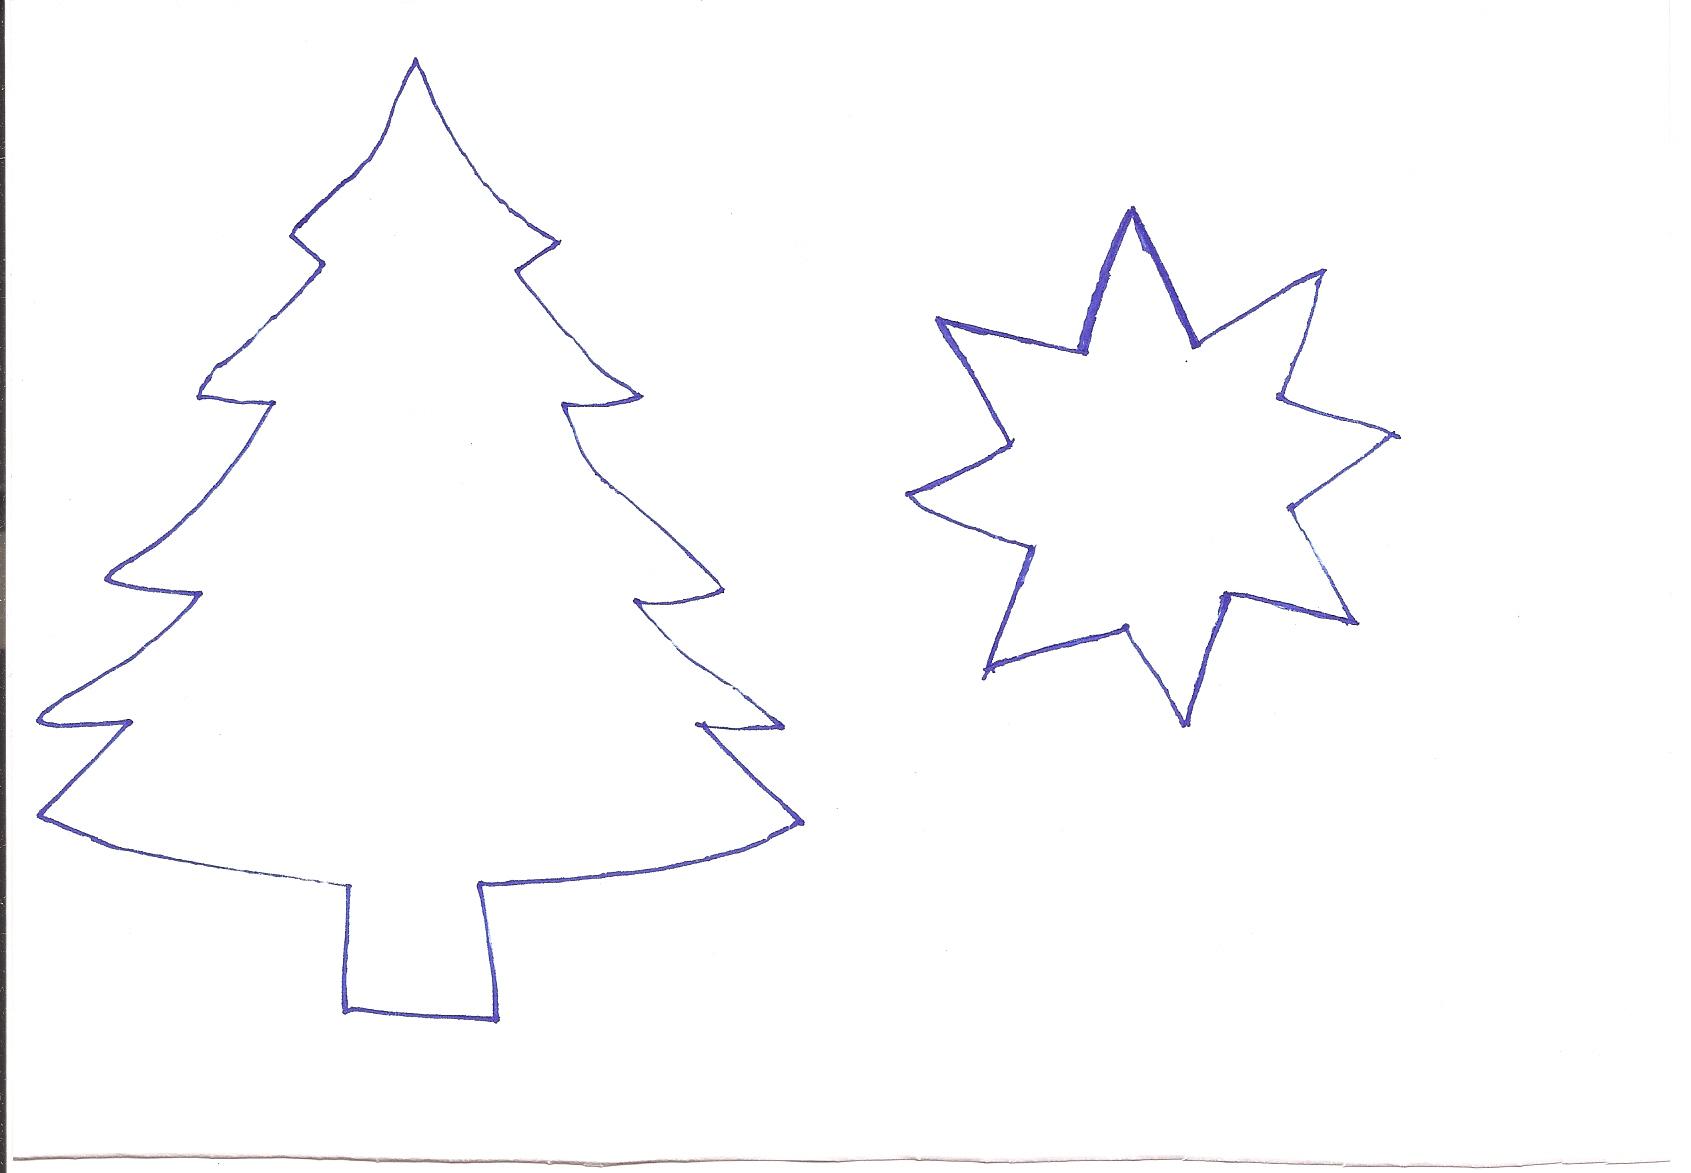 Трафарет-шаблок елки для рисования или кондитерских изделий + трафарет для пряника-звездочки